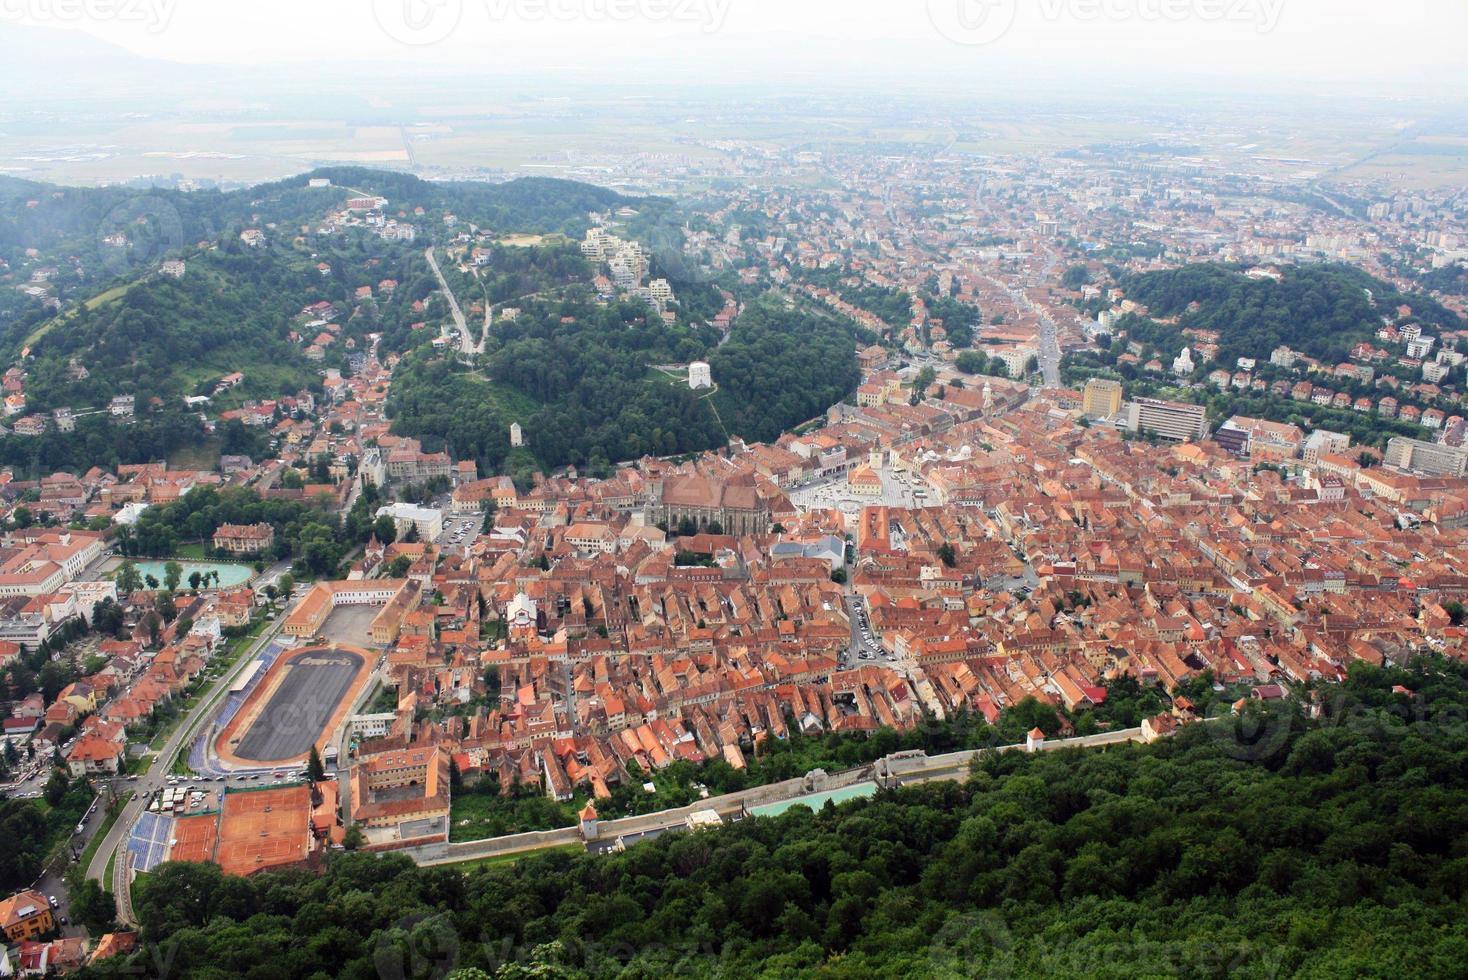 centro histórico de brasov, vista desde la colina de tampa foto